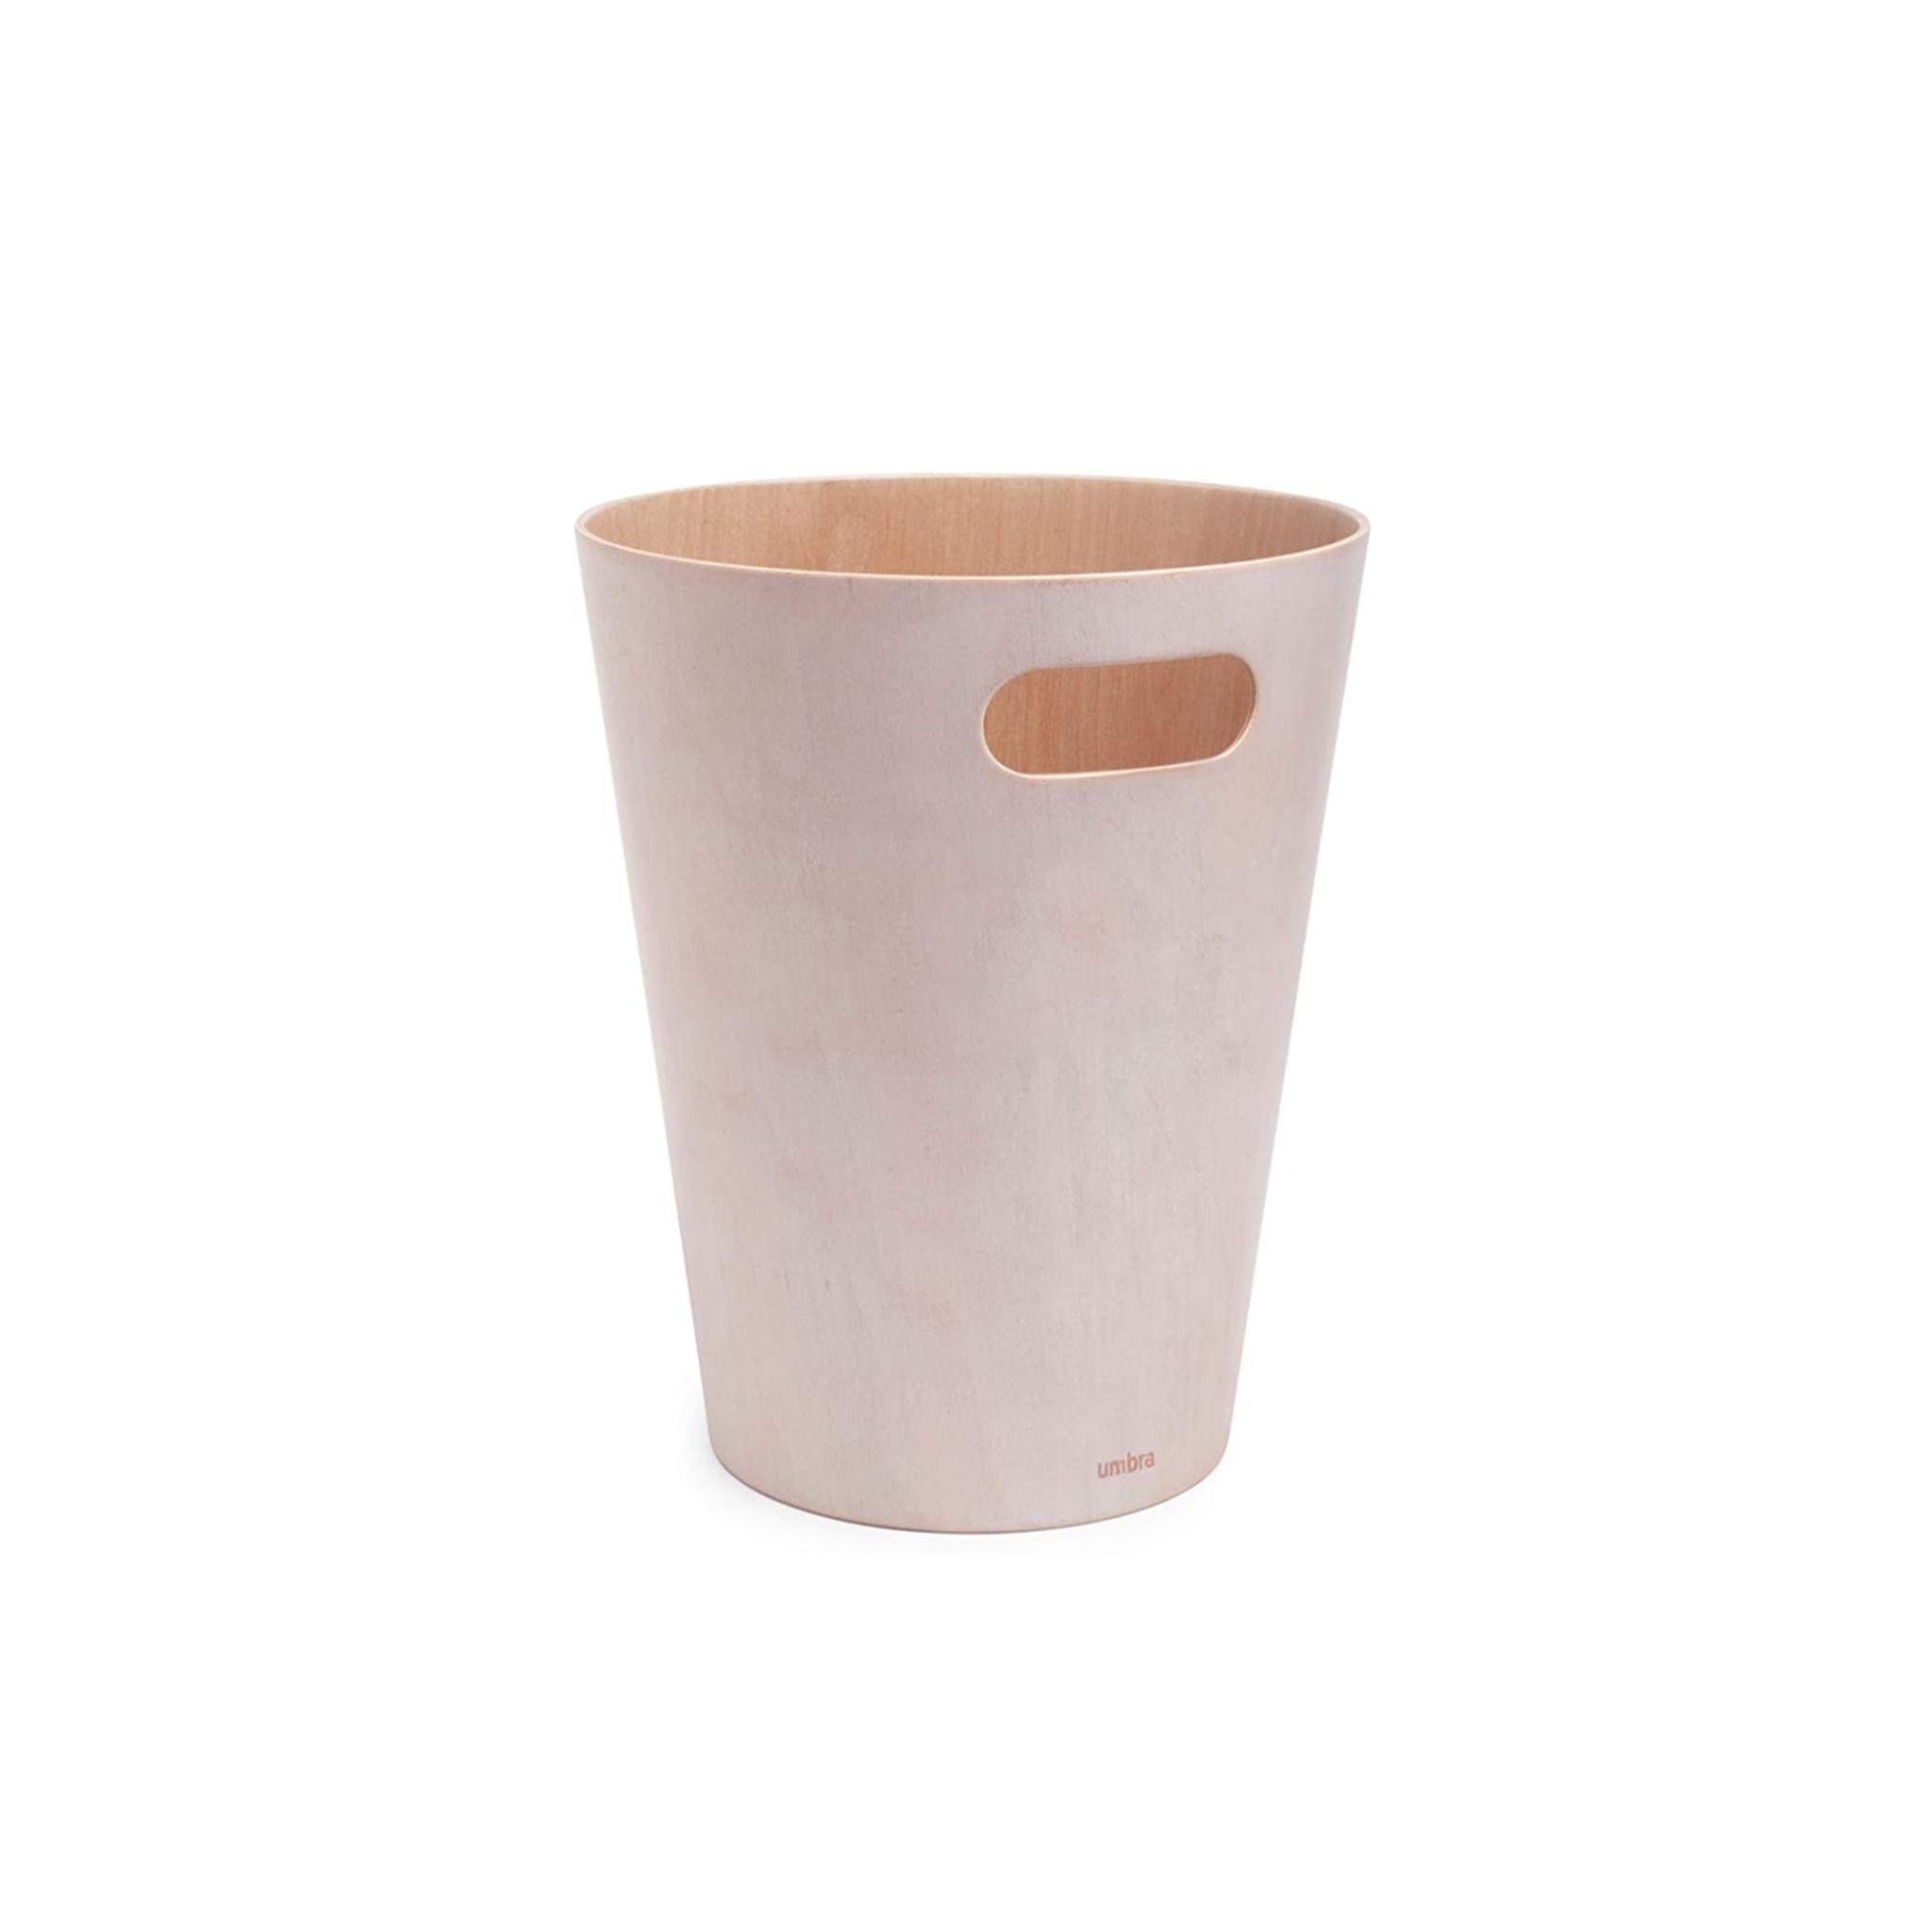 Bent wood wastepaper basket